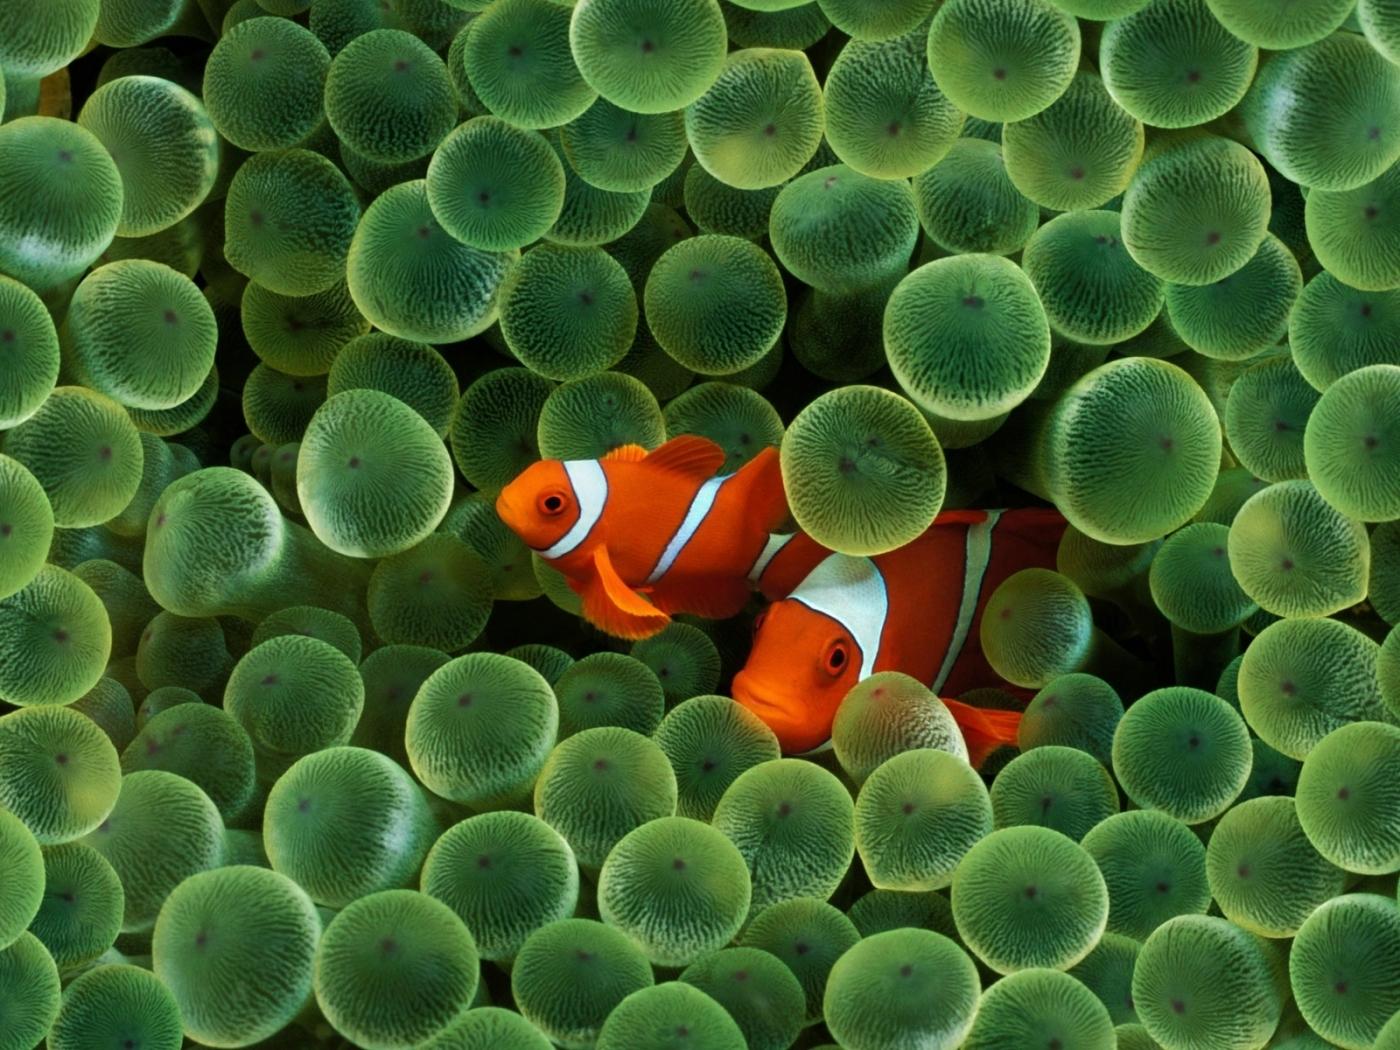 43903 Заставки и Обои Рыбы на телефон. Скачать Рыбы, Животные картинки бесплатно